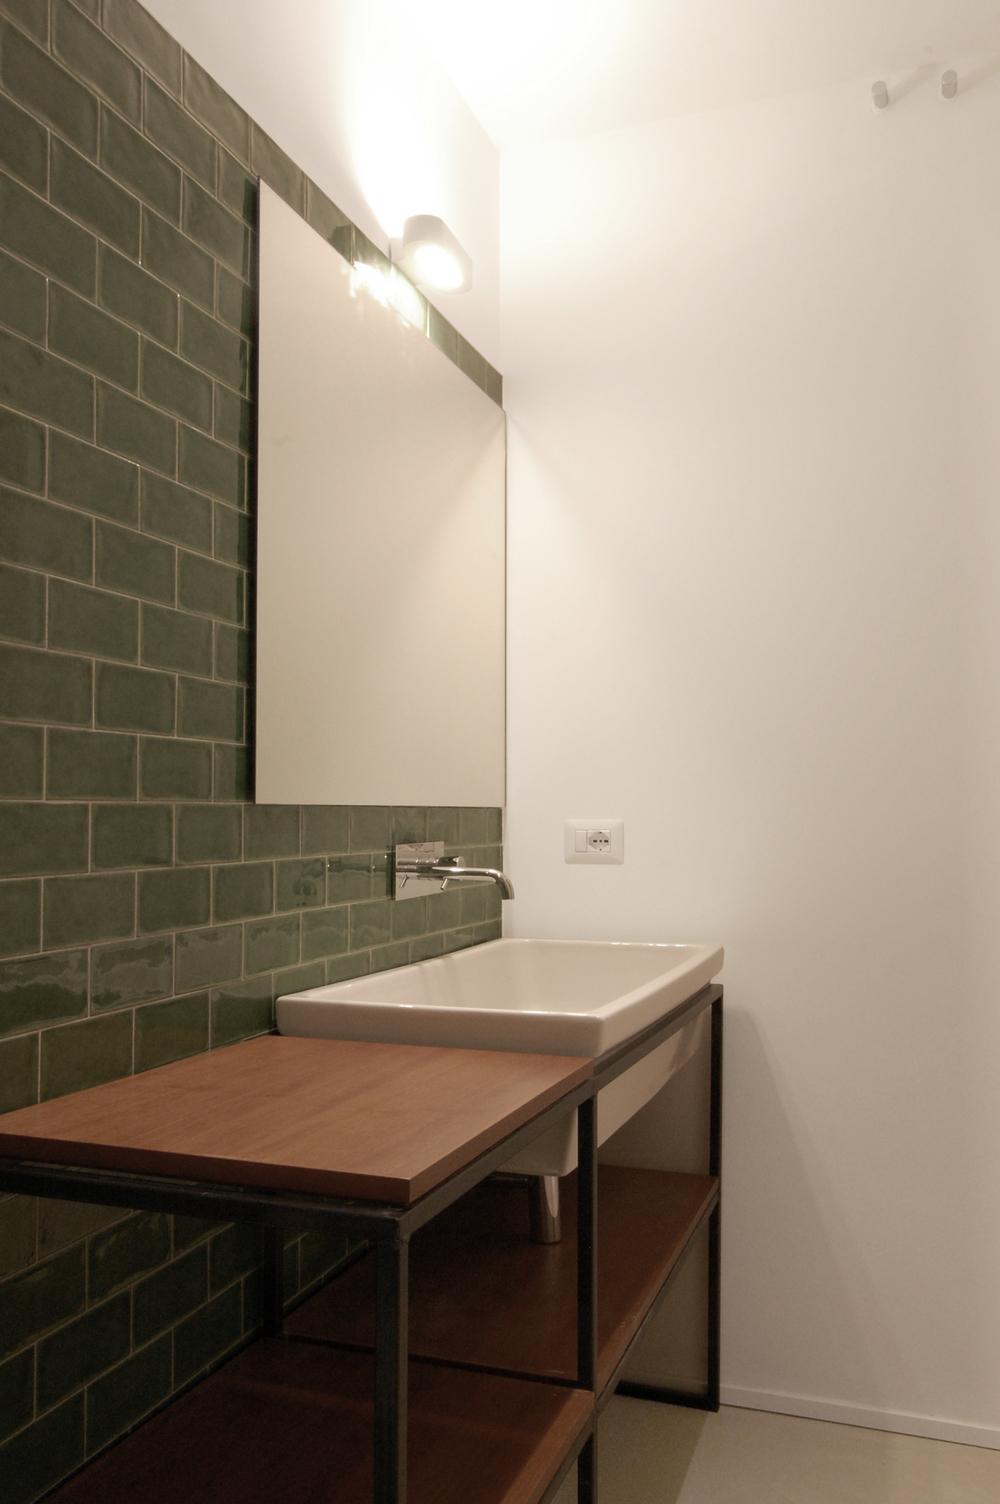 Una sottile struttura metallica accoglie il lavabo e organizza gli spazi del bagno.